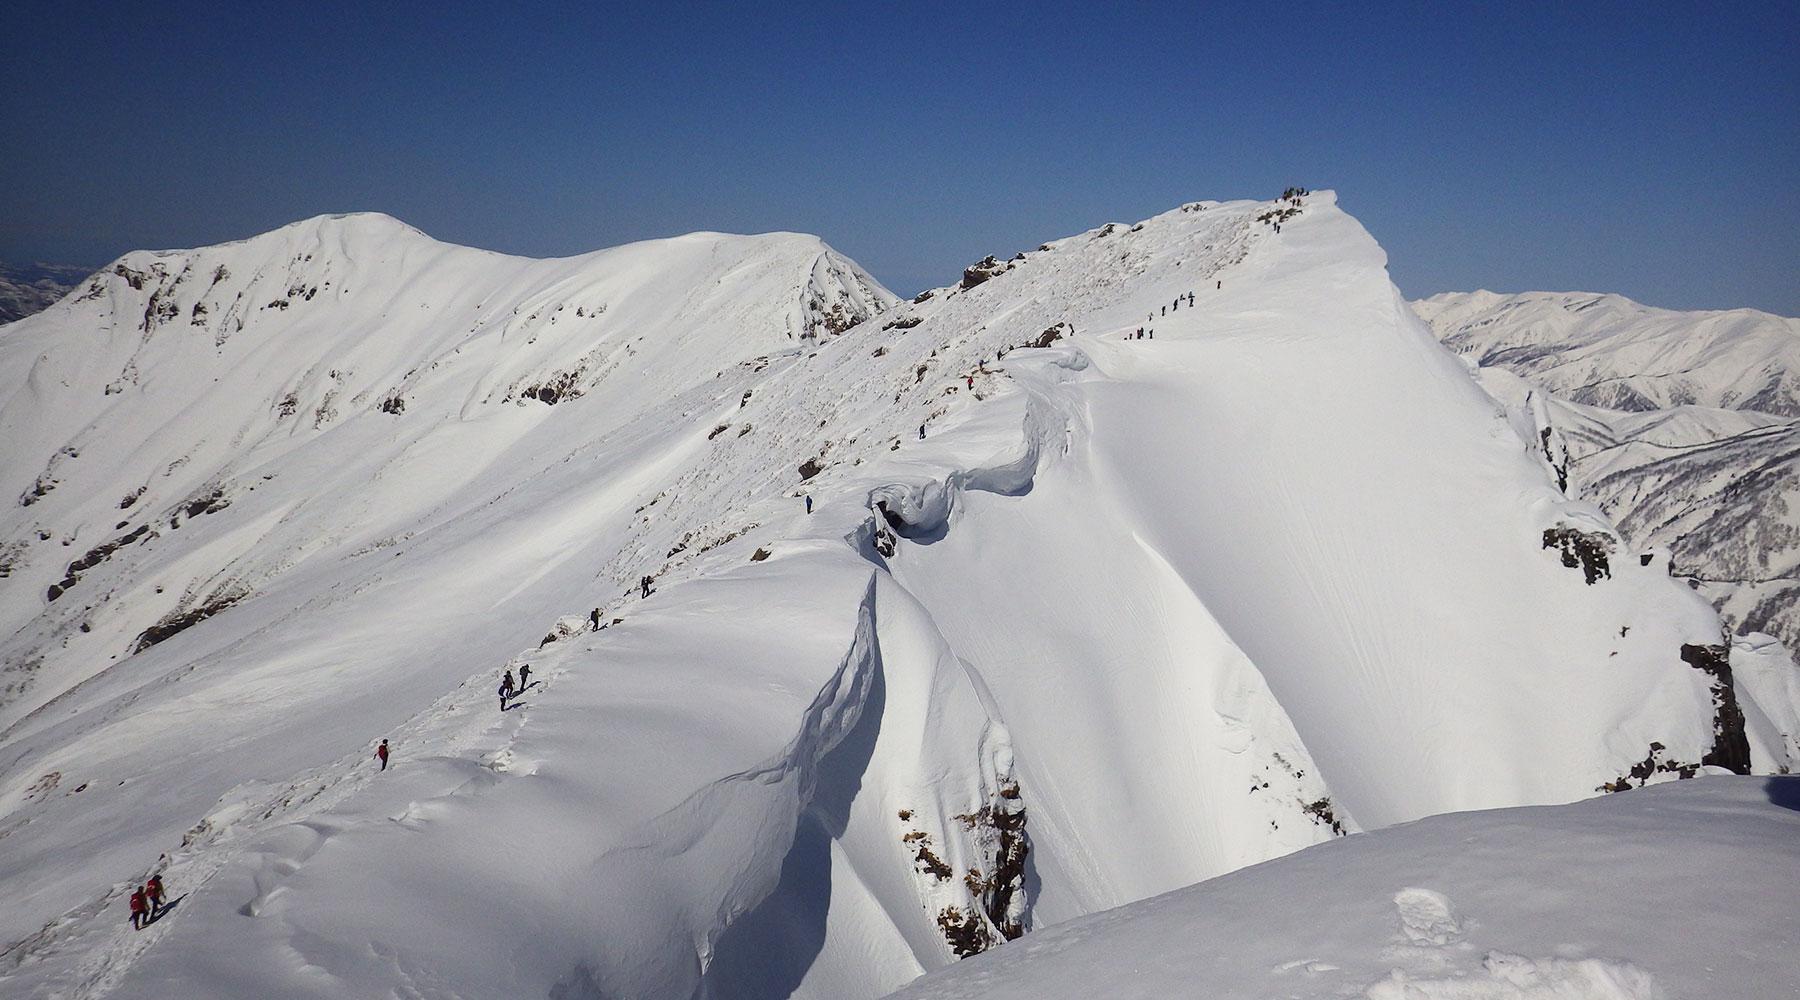 谷川岳・トマの耳から見たオキの耳と雪庇